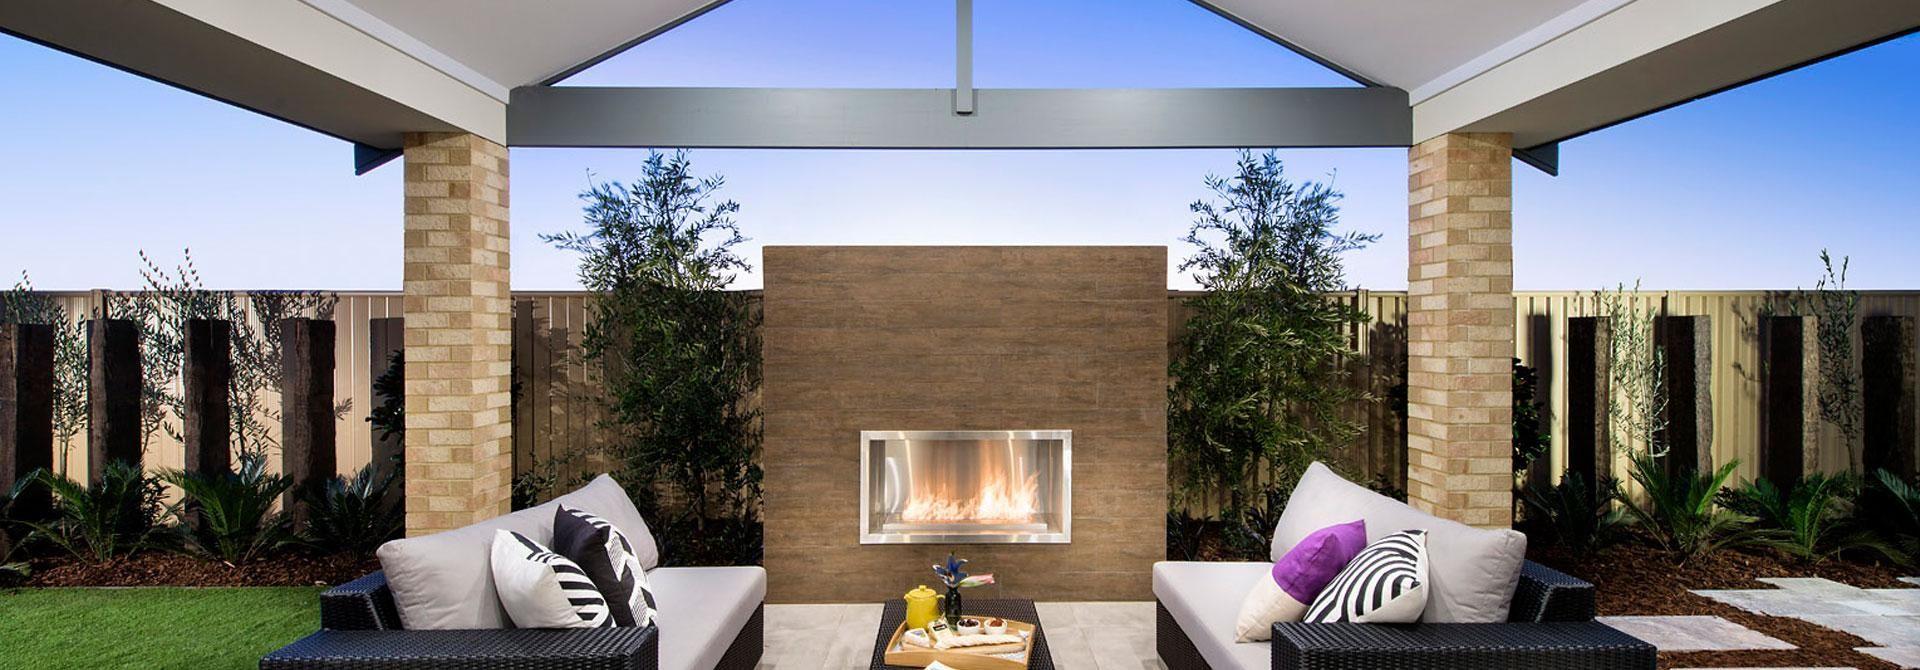 Casablanca I Dale Alcock Homes House Design Home